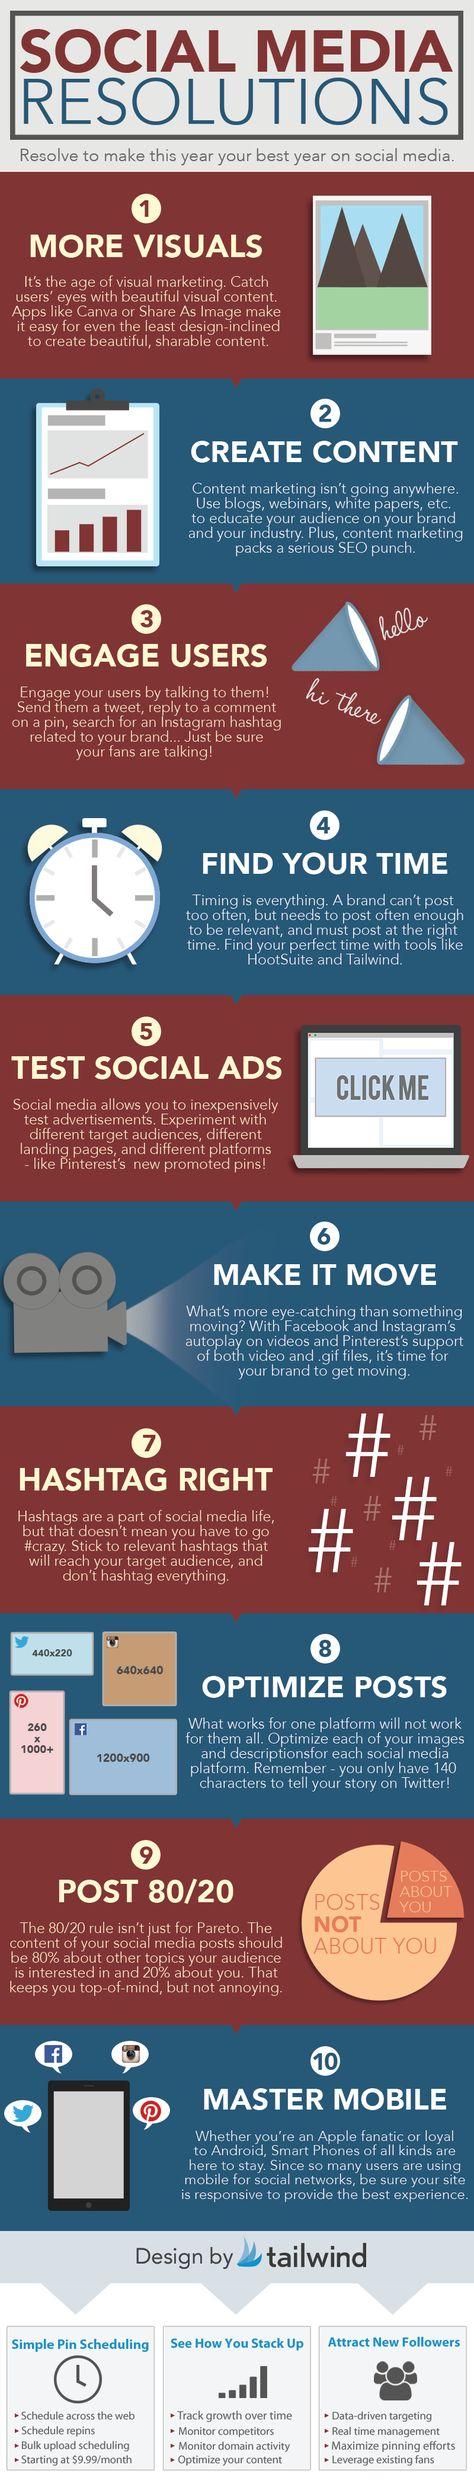 Social Media New Year's Resolutions